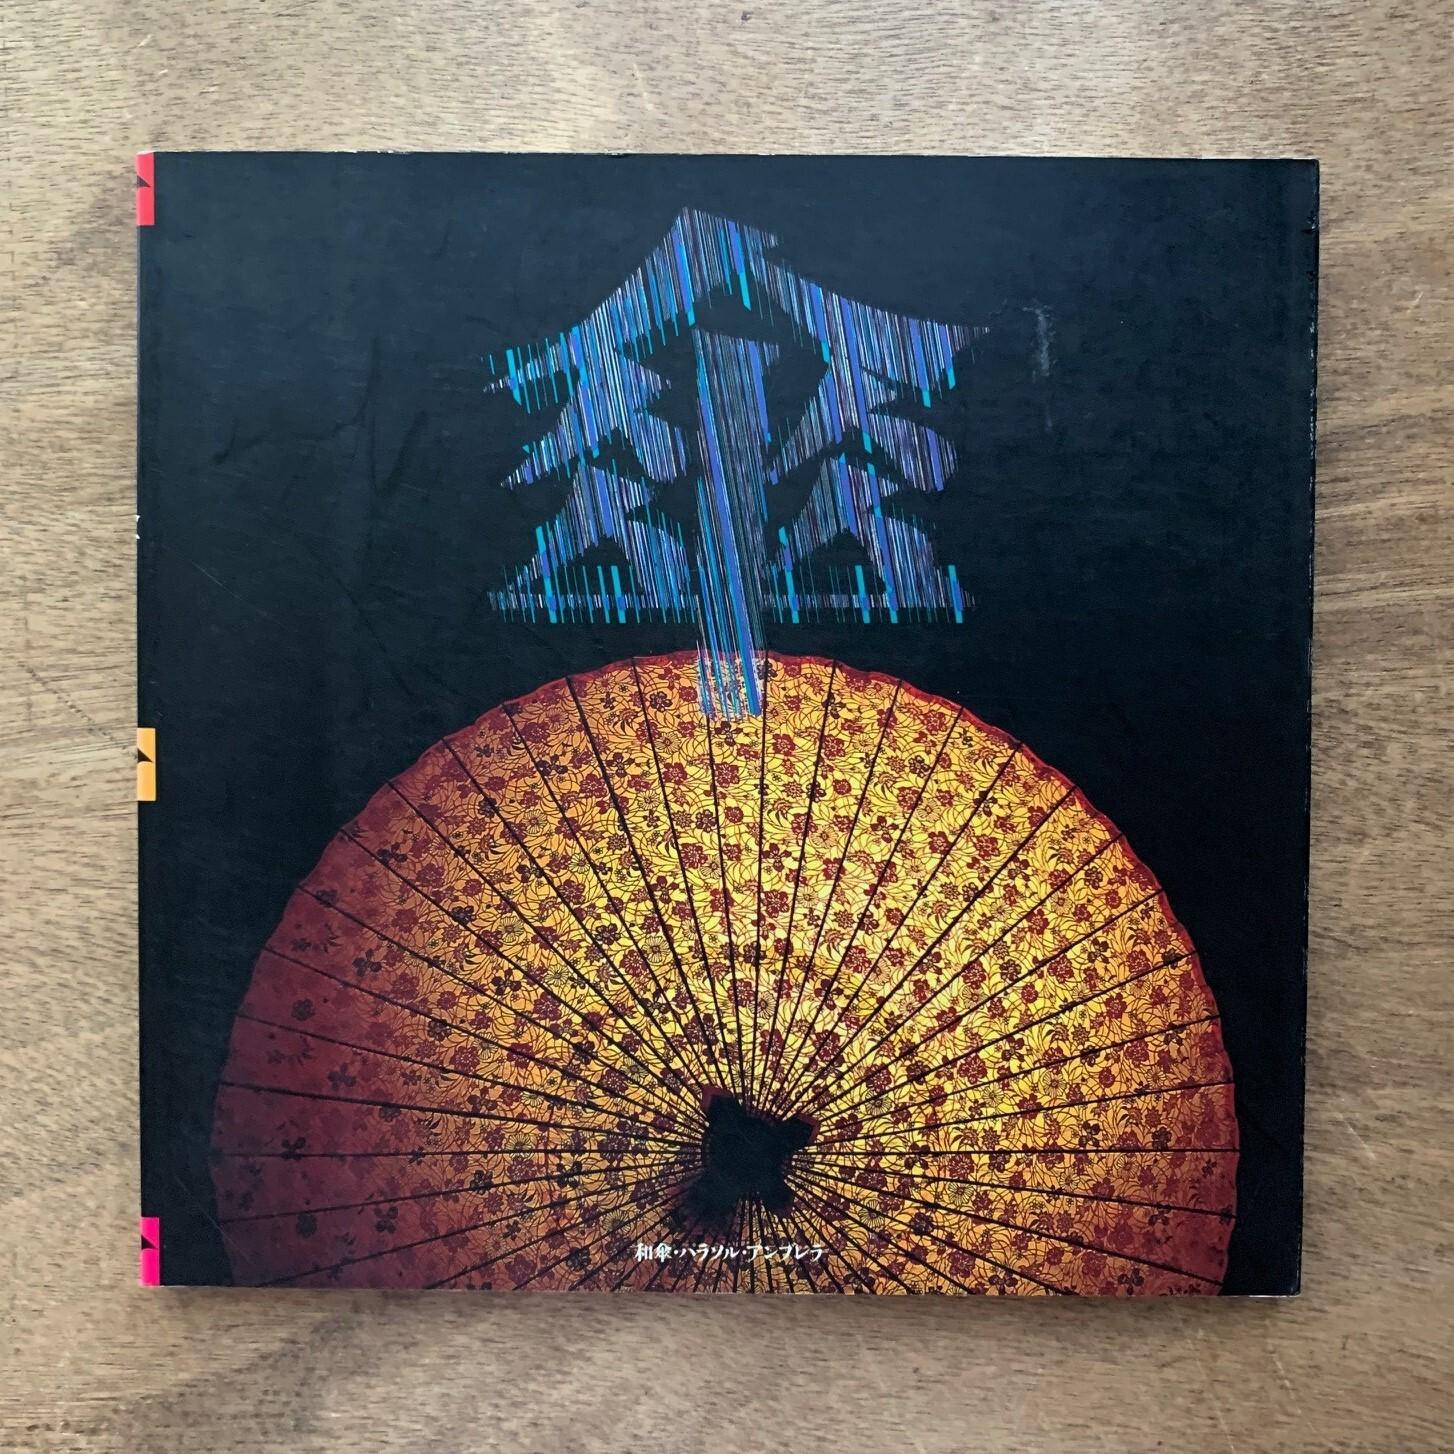 傘 和傘・パラソル・アンブレラ / イナックスブックレット / INAX出版 1995年